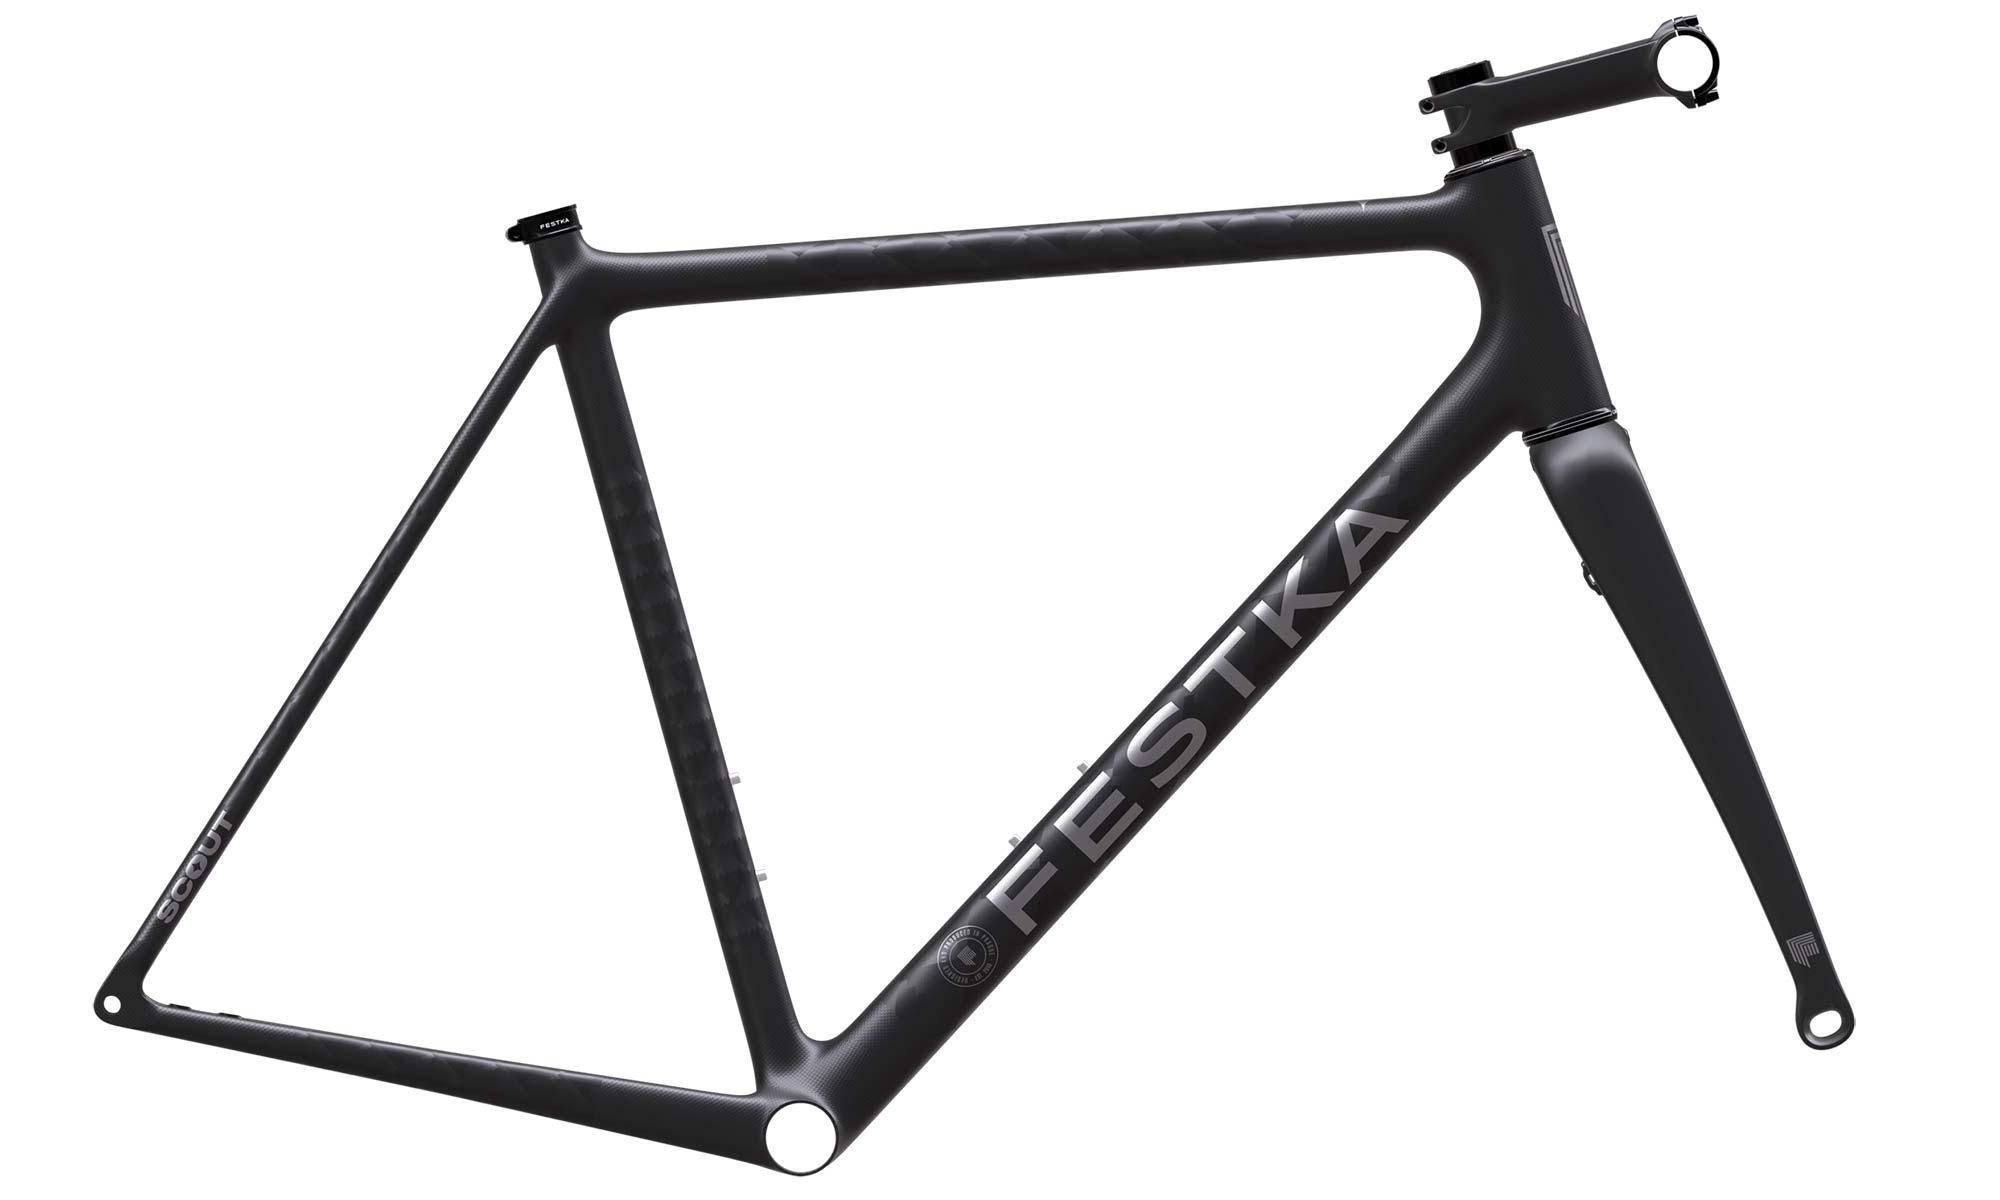 Festka Scout custom carbon adventure gravel bike, Coreframeset